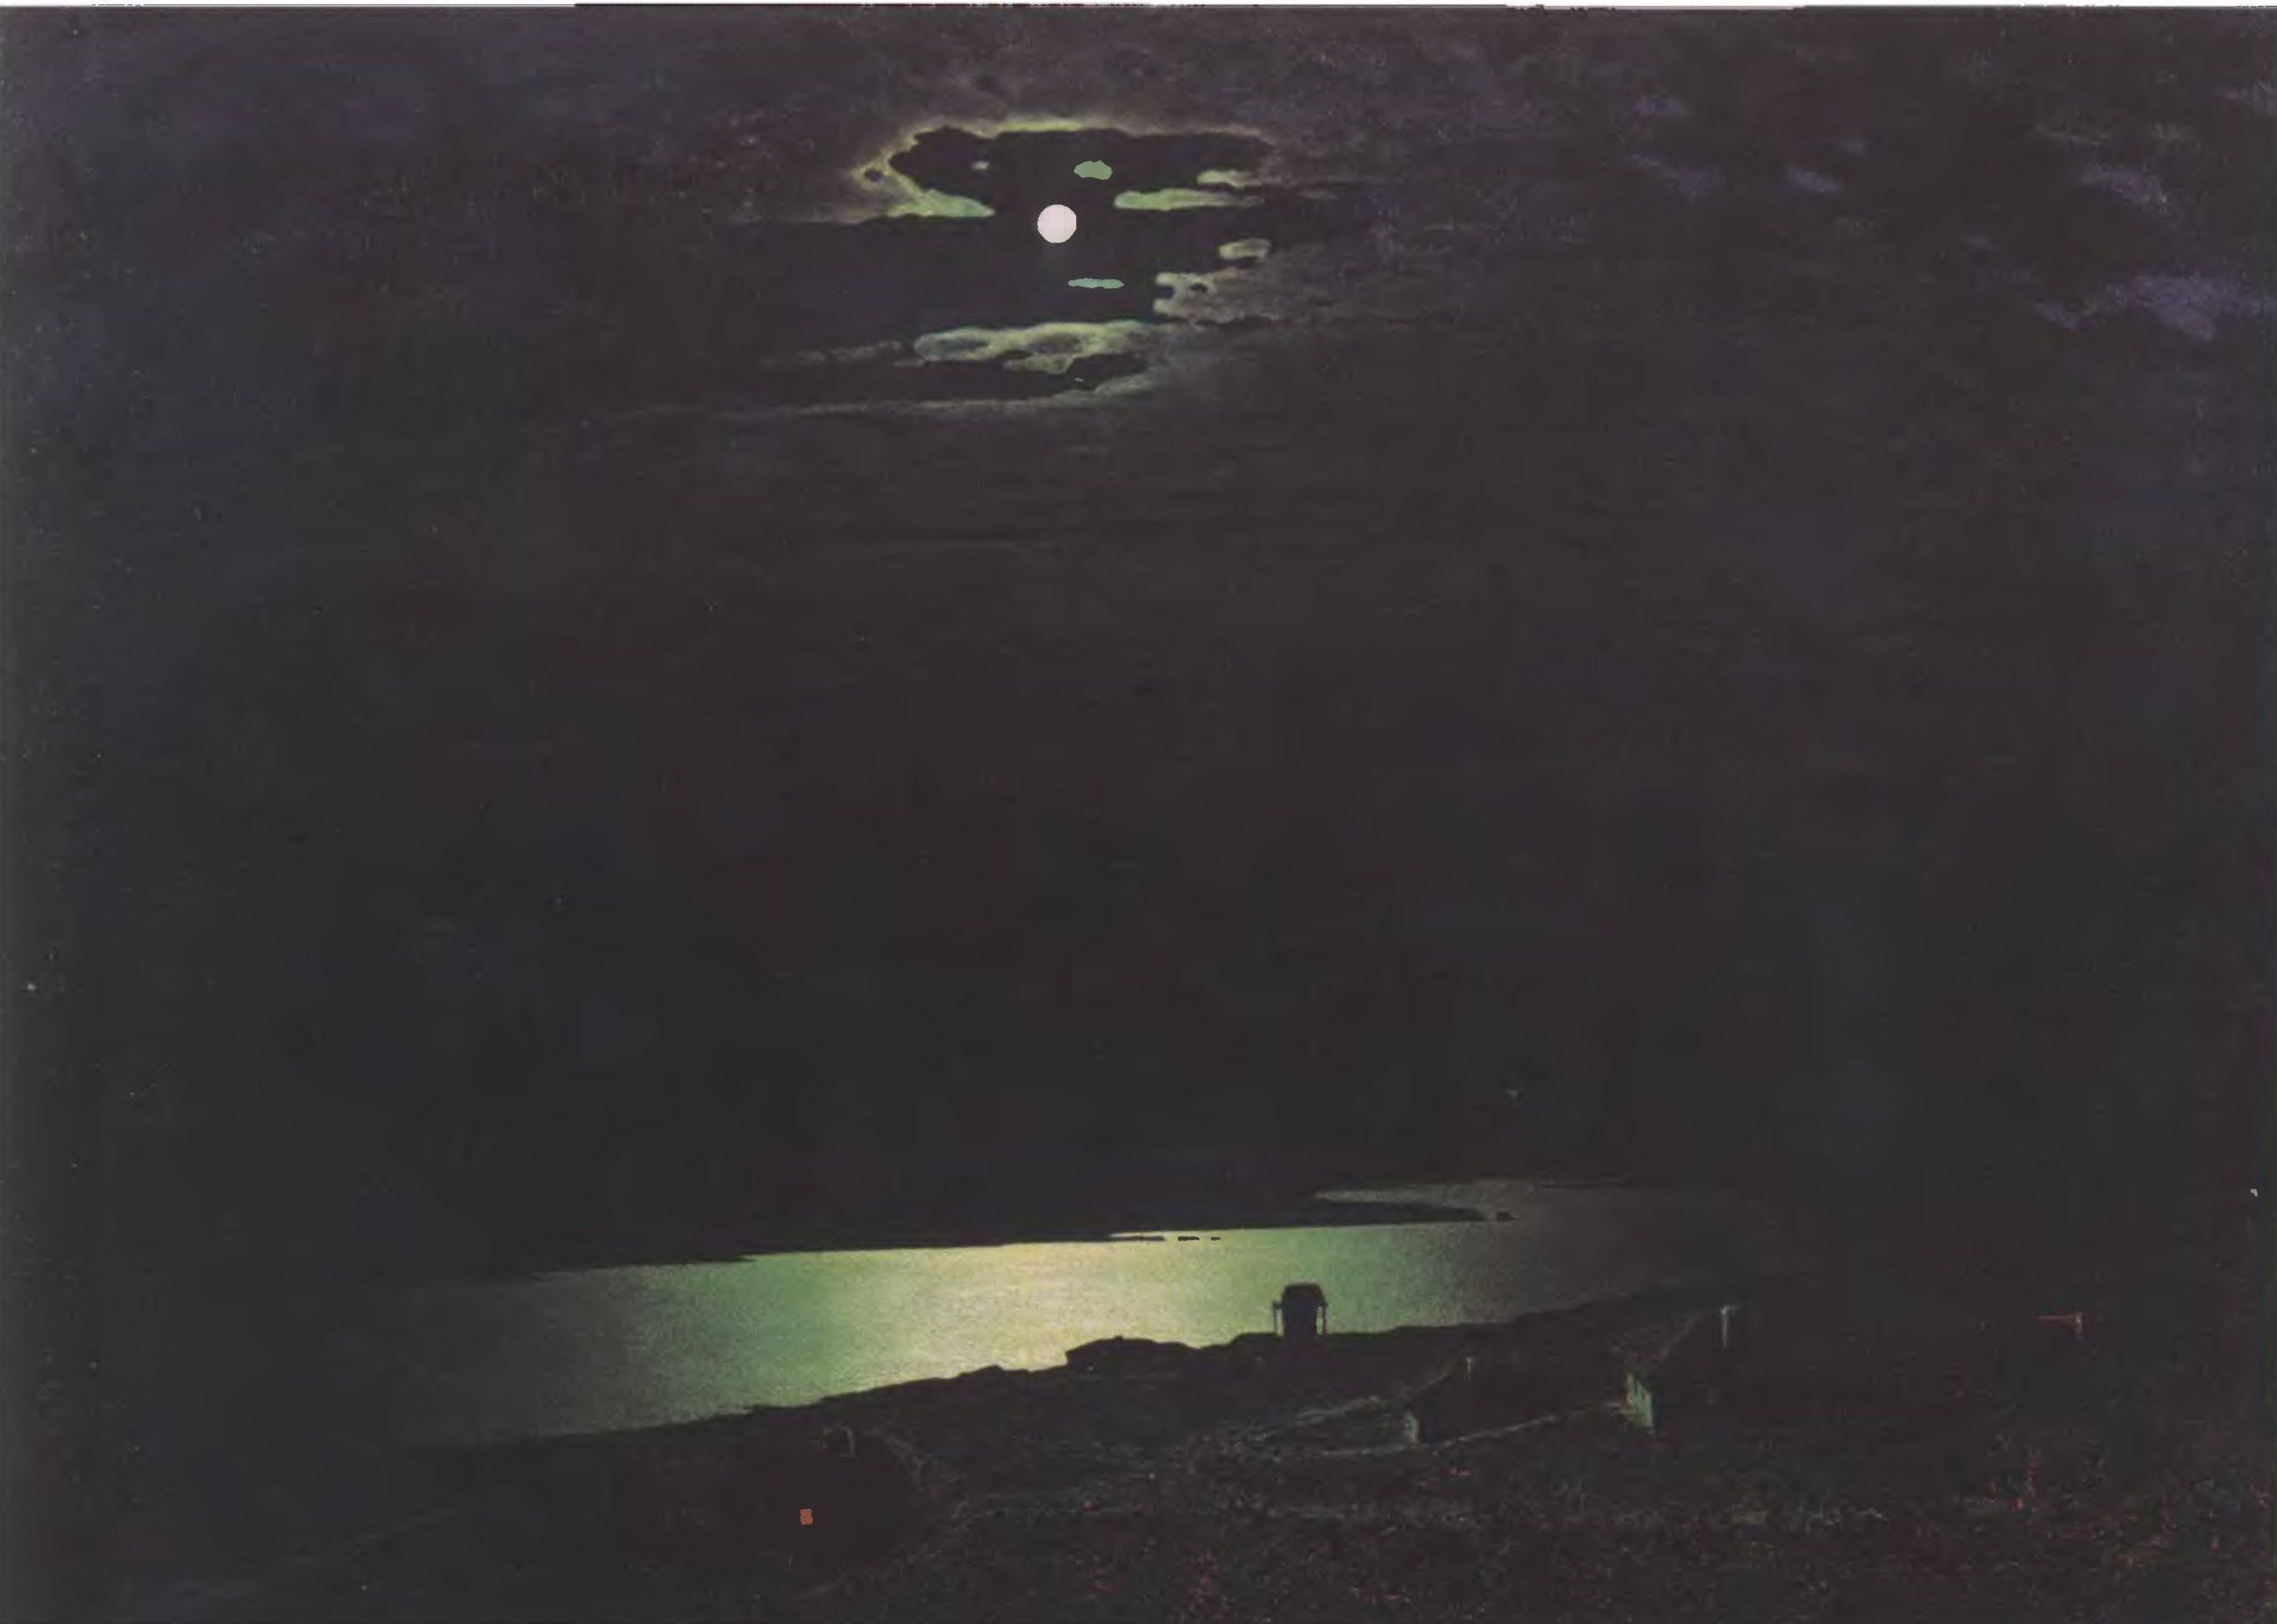 АРХИП КУИНДЖИ. Лунная ночь на Днепре. 1880. Холст, масло. 105 х 144 см. Государственная Третьяковская галерея